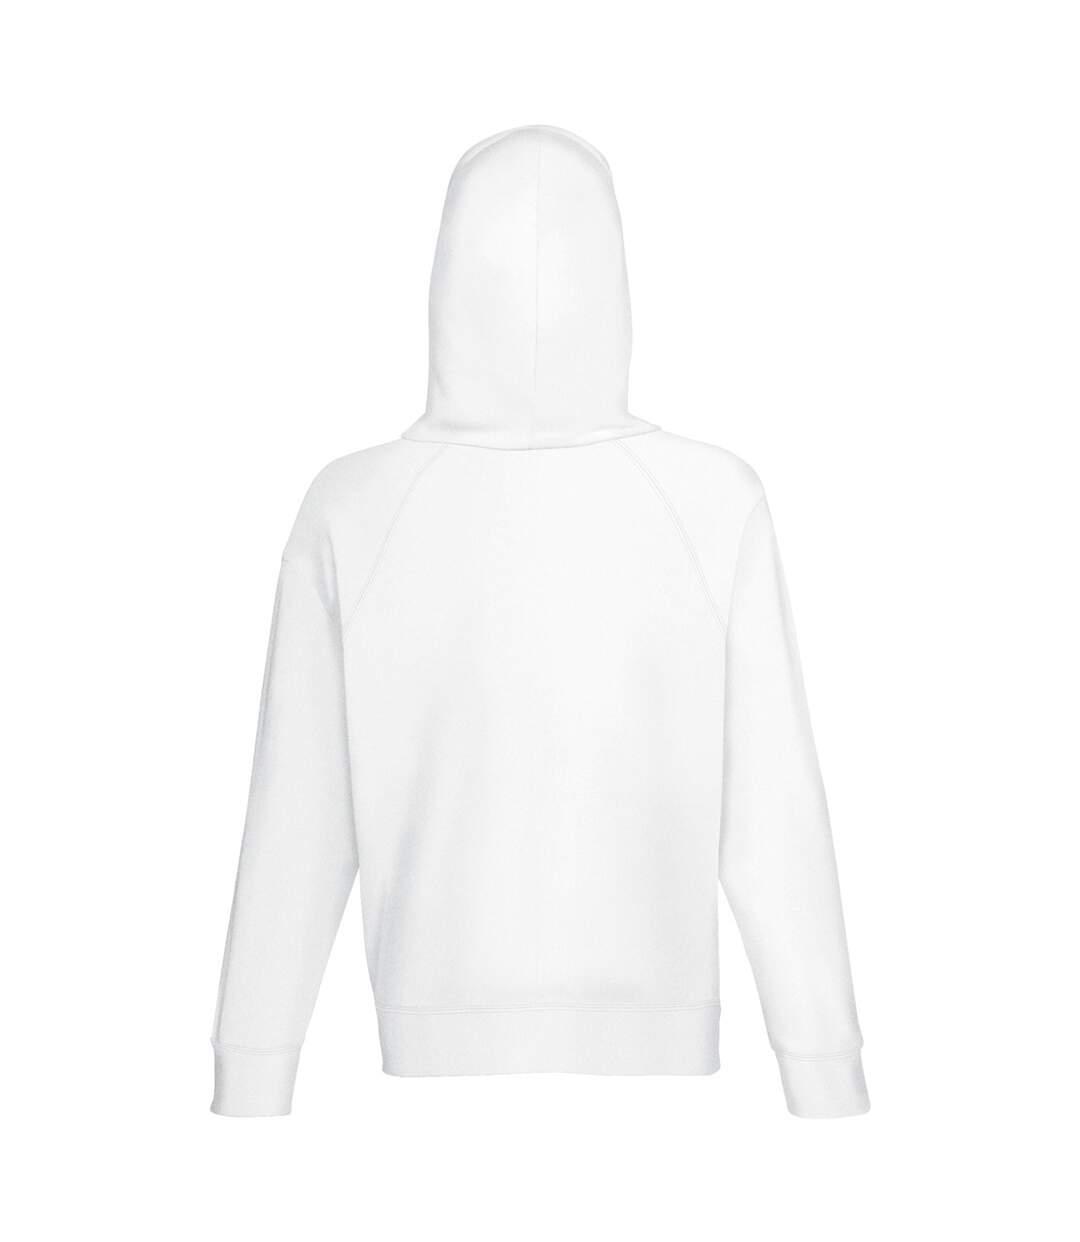 Fruit Of The Loom - Sweatshirt À Capuche Léger - Homme (Blanc) - UTBC2654